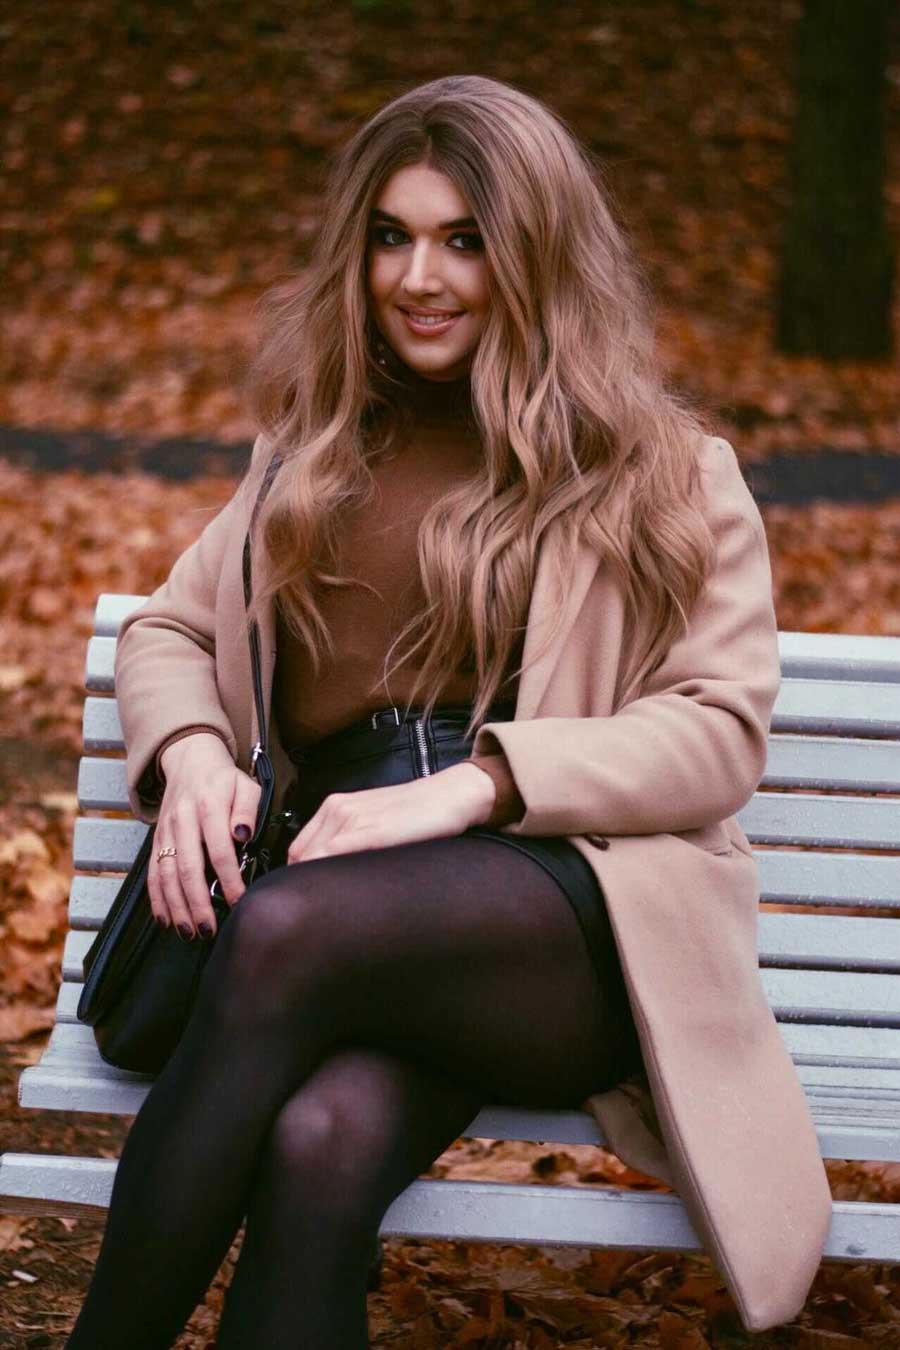 Karina Chekhova